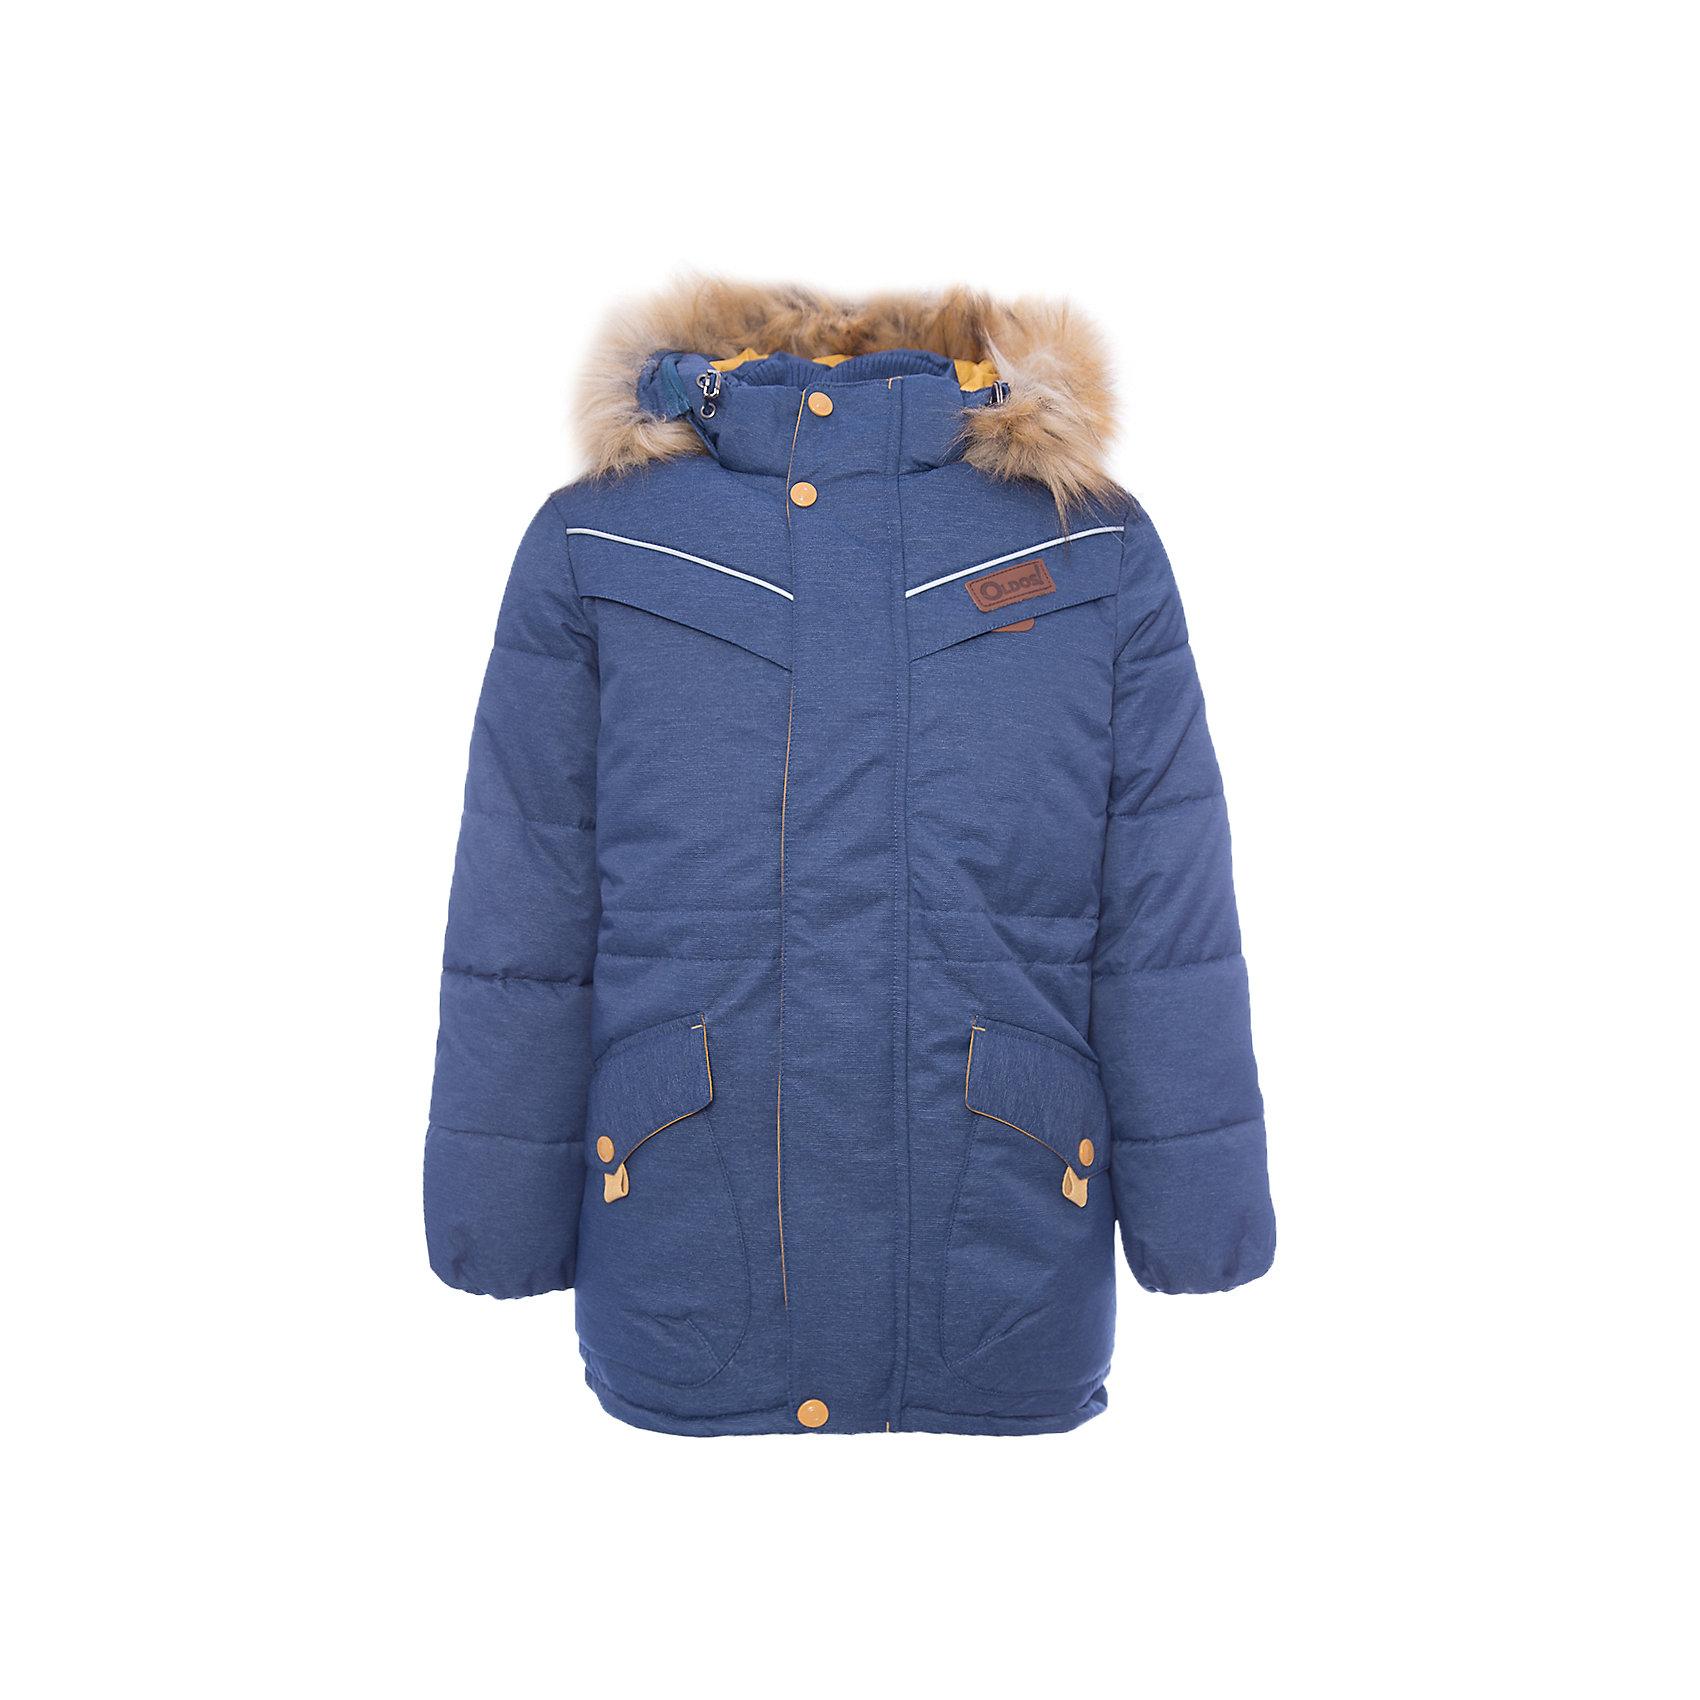 Куртка Жан OLDOS для мальчикаВерхняя одежда<br>Характеристики товара:<br><br>• цвет: синий<br>• состав ткани: 100% полиэстер, пропитка PU, Teflon<br>• подкладка: флис, полиэстер<br>• утеплитель: искусственный лебяжий пух<br>• сезон: зима<br>• температурный режим: от -35 до 0<br>• застежка: молния<br>• капюшон: с мехом, съемный<br>• страна бренда: Россия<br>• страна изготовитель: Россия<br><br>Зимняя куртка для ребенка дополнена функциональными элементами, помогающими надежно защитить ребенка от снега и холода. Теплая куртка для ребенка обеспечит тепло и комфорт в холода благодаря качественному утеплителю и пропитке от воды и грязи. Эту детскую куртку легко чистить. <br><br>Куртку Жан Oldos (Олдос) для мальчика можно купить в нашем интернет-магазине.<br><br>Ширина мм: 356<br>Глубина мм: 10<br>Высота мм: 245<br>Вес г: 519<br>Цвет: синий<br>Возраст от месяцев: 132<br>Возраст до месяцев: 144<br>Пол: Мужской<br>Возраст: Детский<br>Размер: 152,122,158,146,140,134,128<br>SKU: 7016590